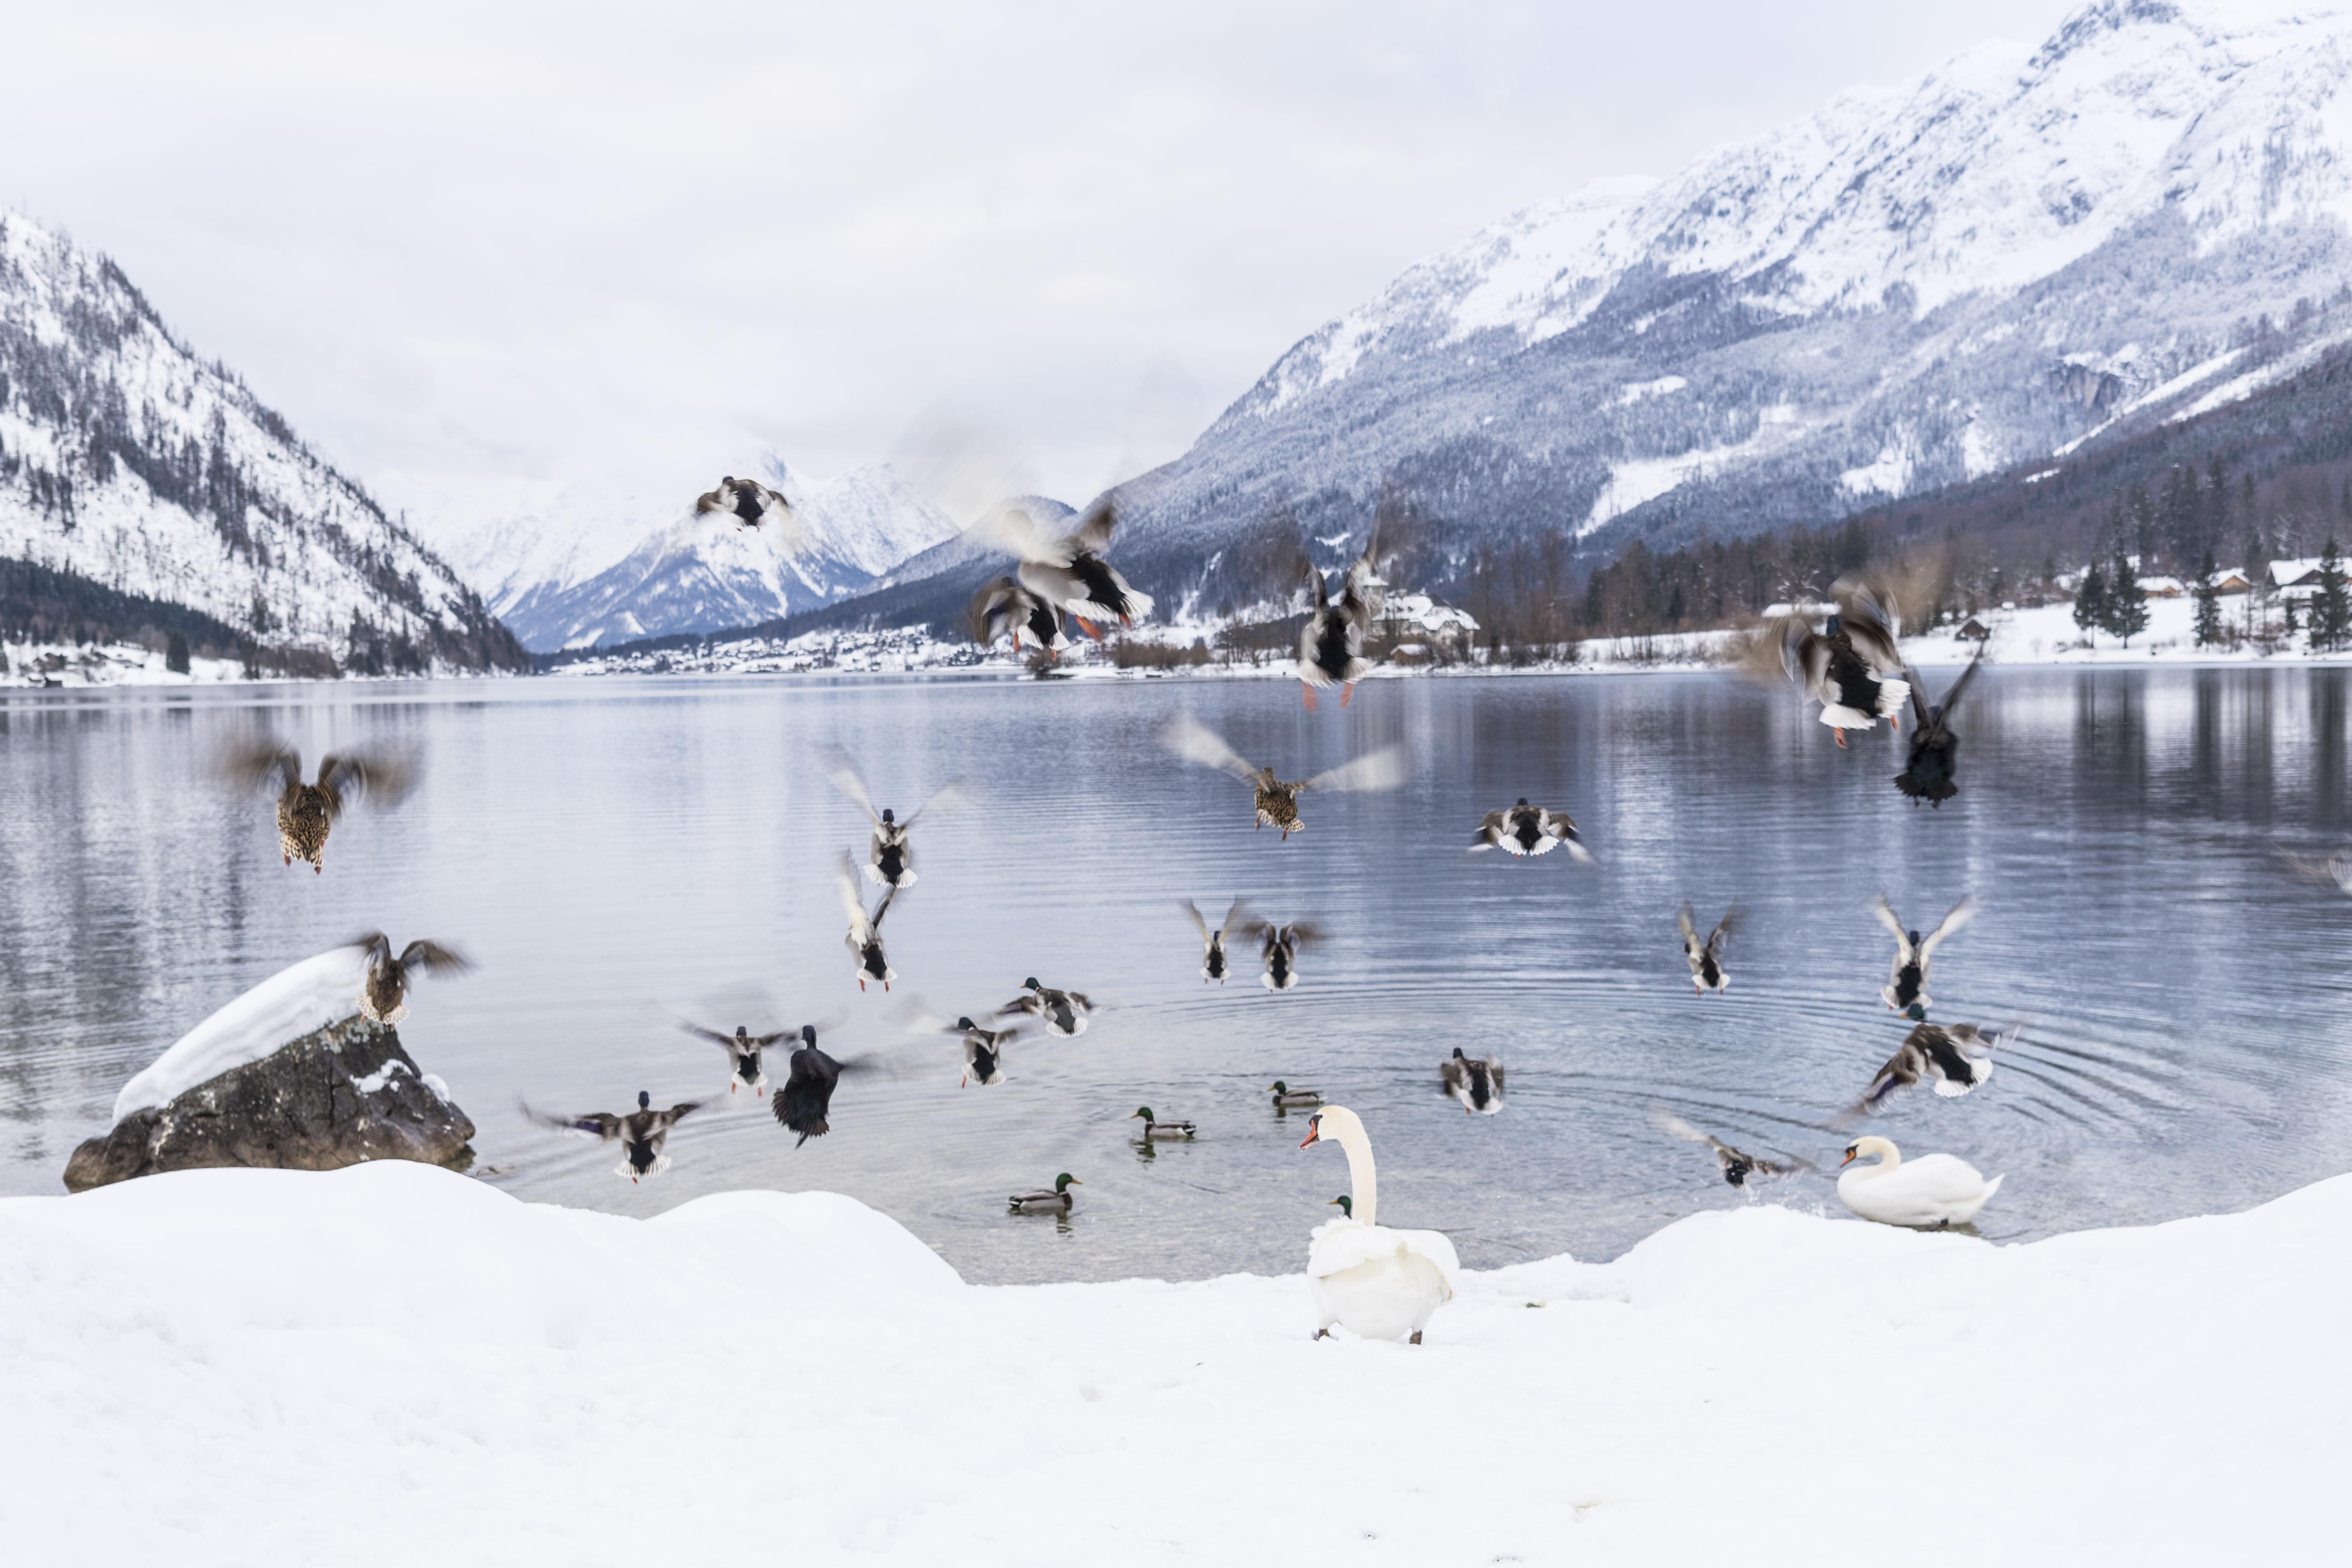 Sie sehen den Grundlsee mit Enten und Schwänen im Winter. JUFA Hotels bietet erholsamen Familienurlaub und einen unvergesslichen Winterurlaub.